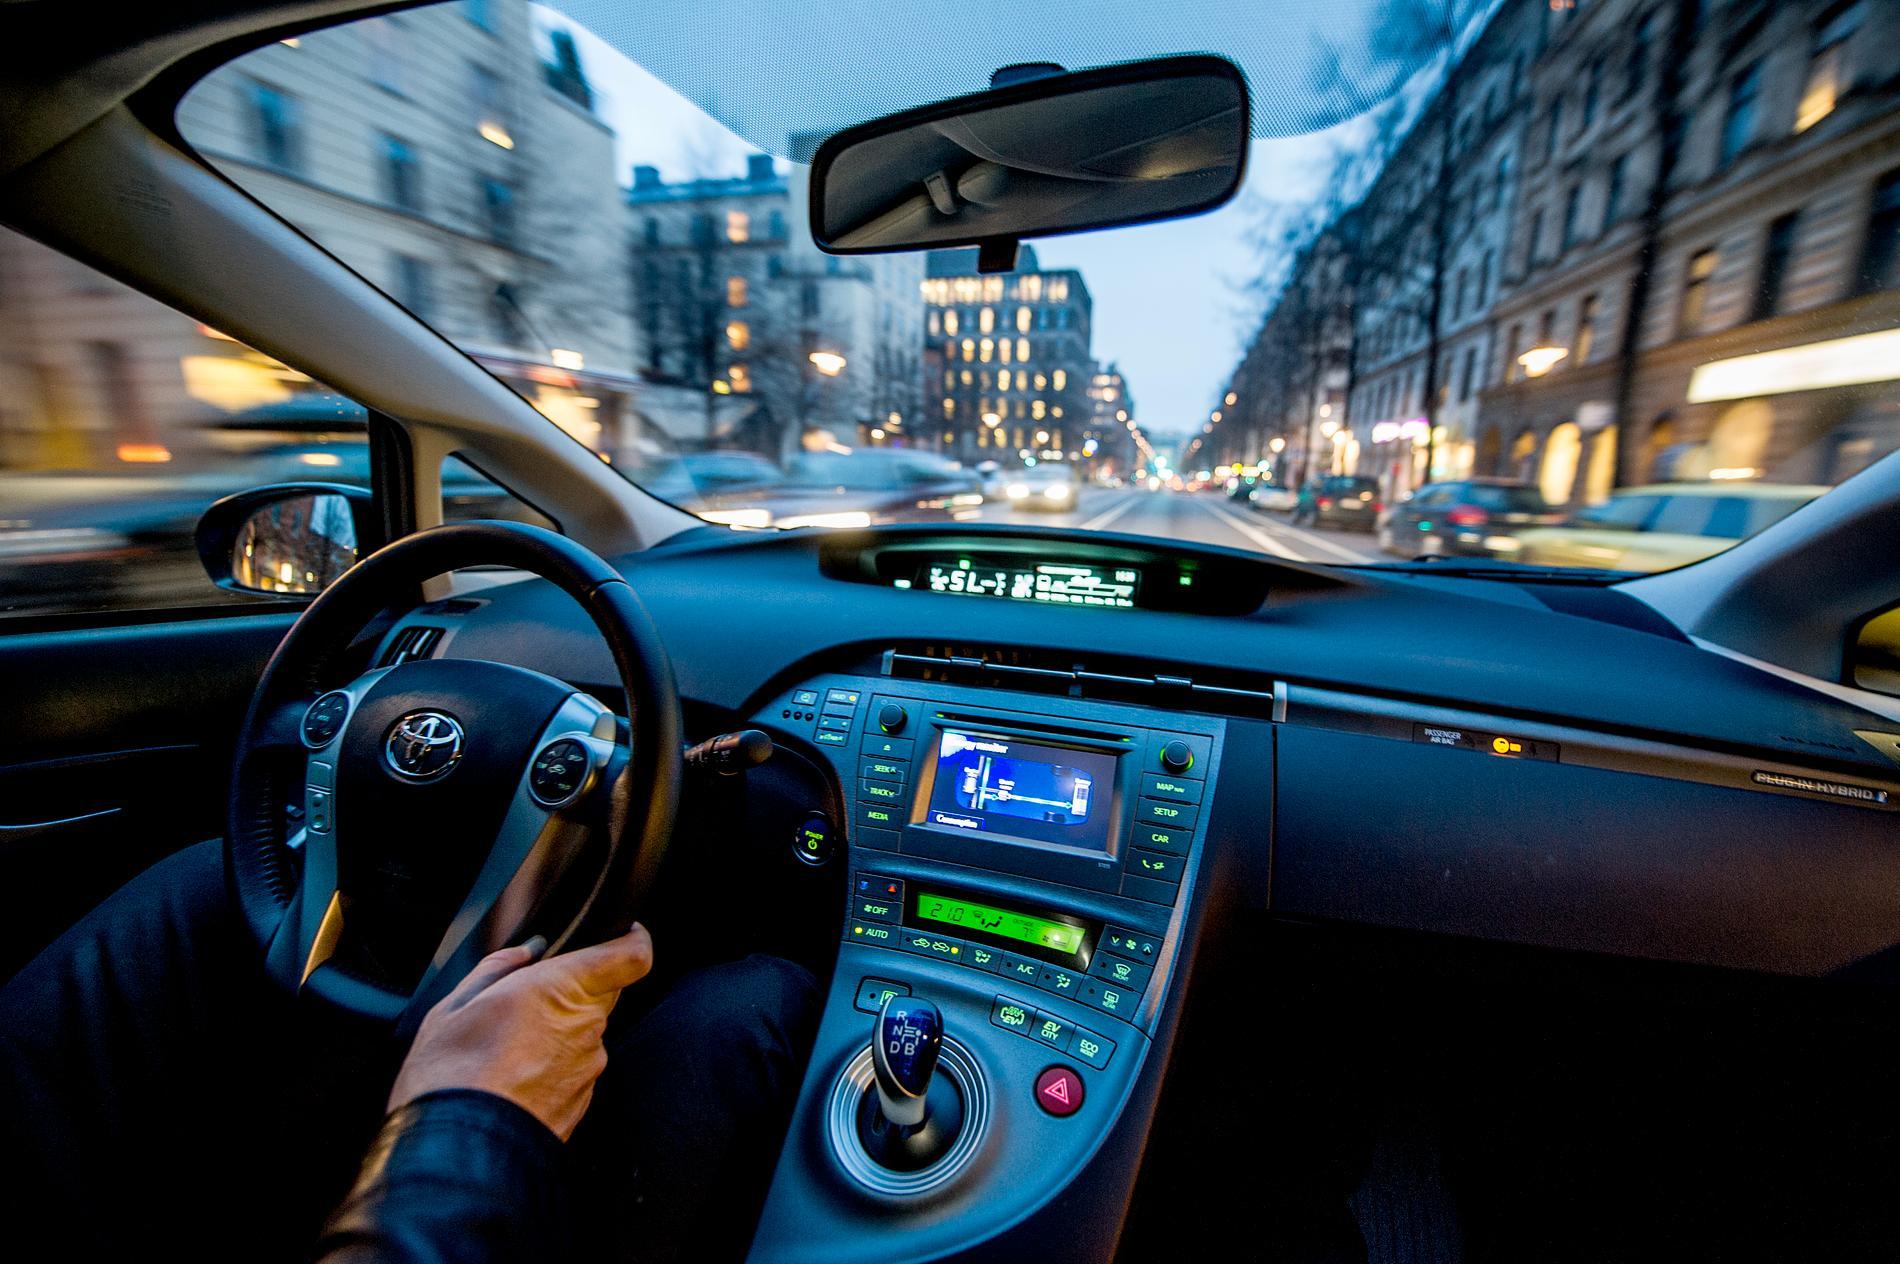 Om tio år behöver det kanske inte ens finnas en ratt i en bil, om den istället styrs av AI.